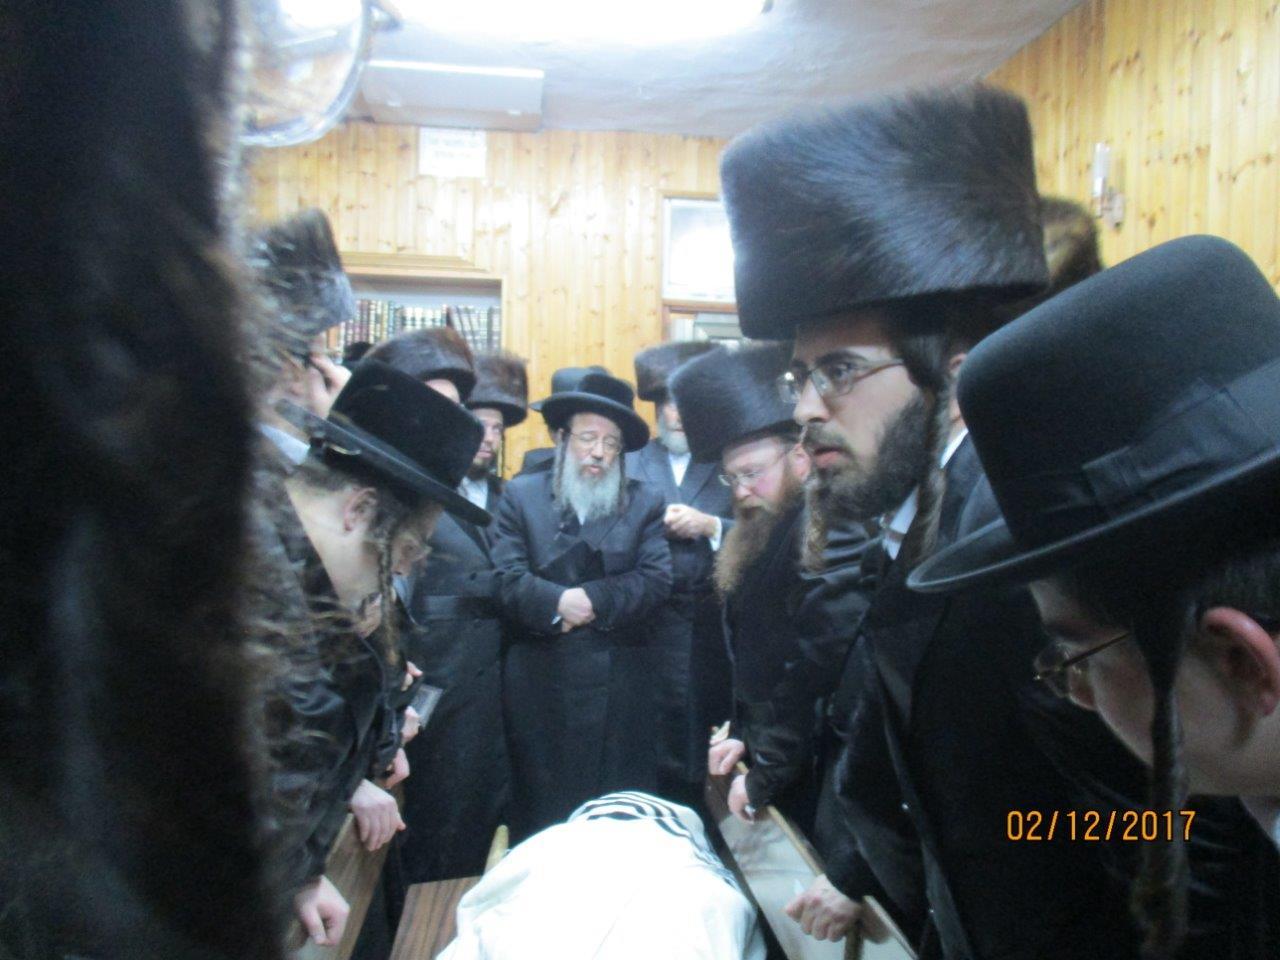 הלווית הרב יצחק גודלמן זצל מזוויעהל 02